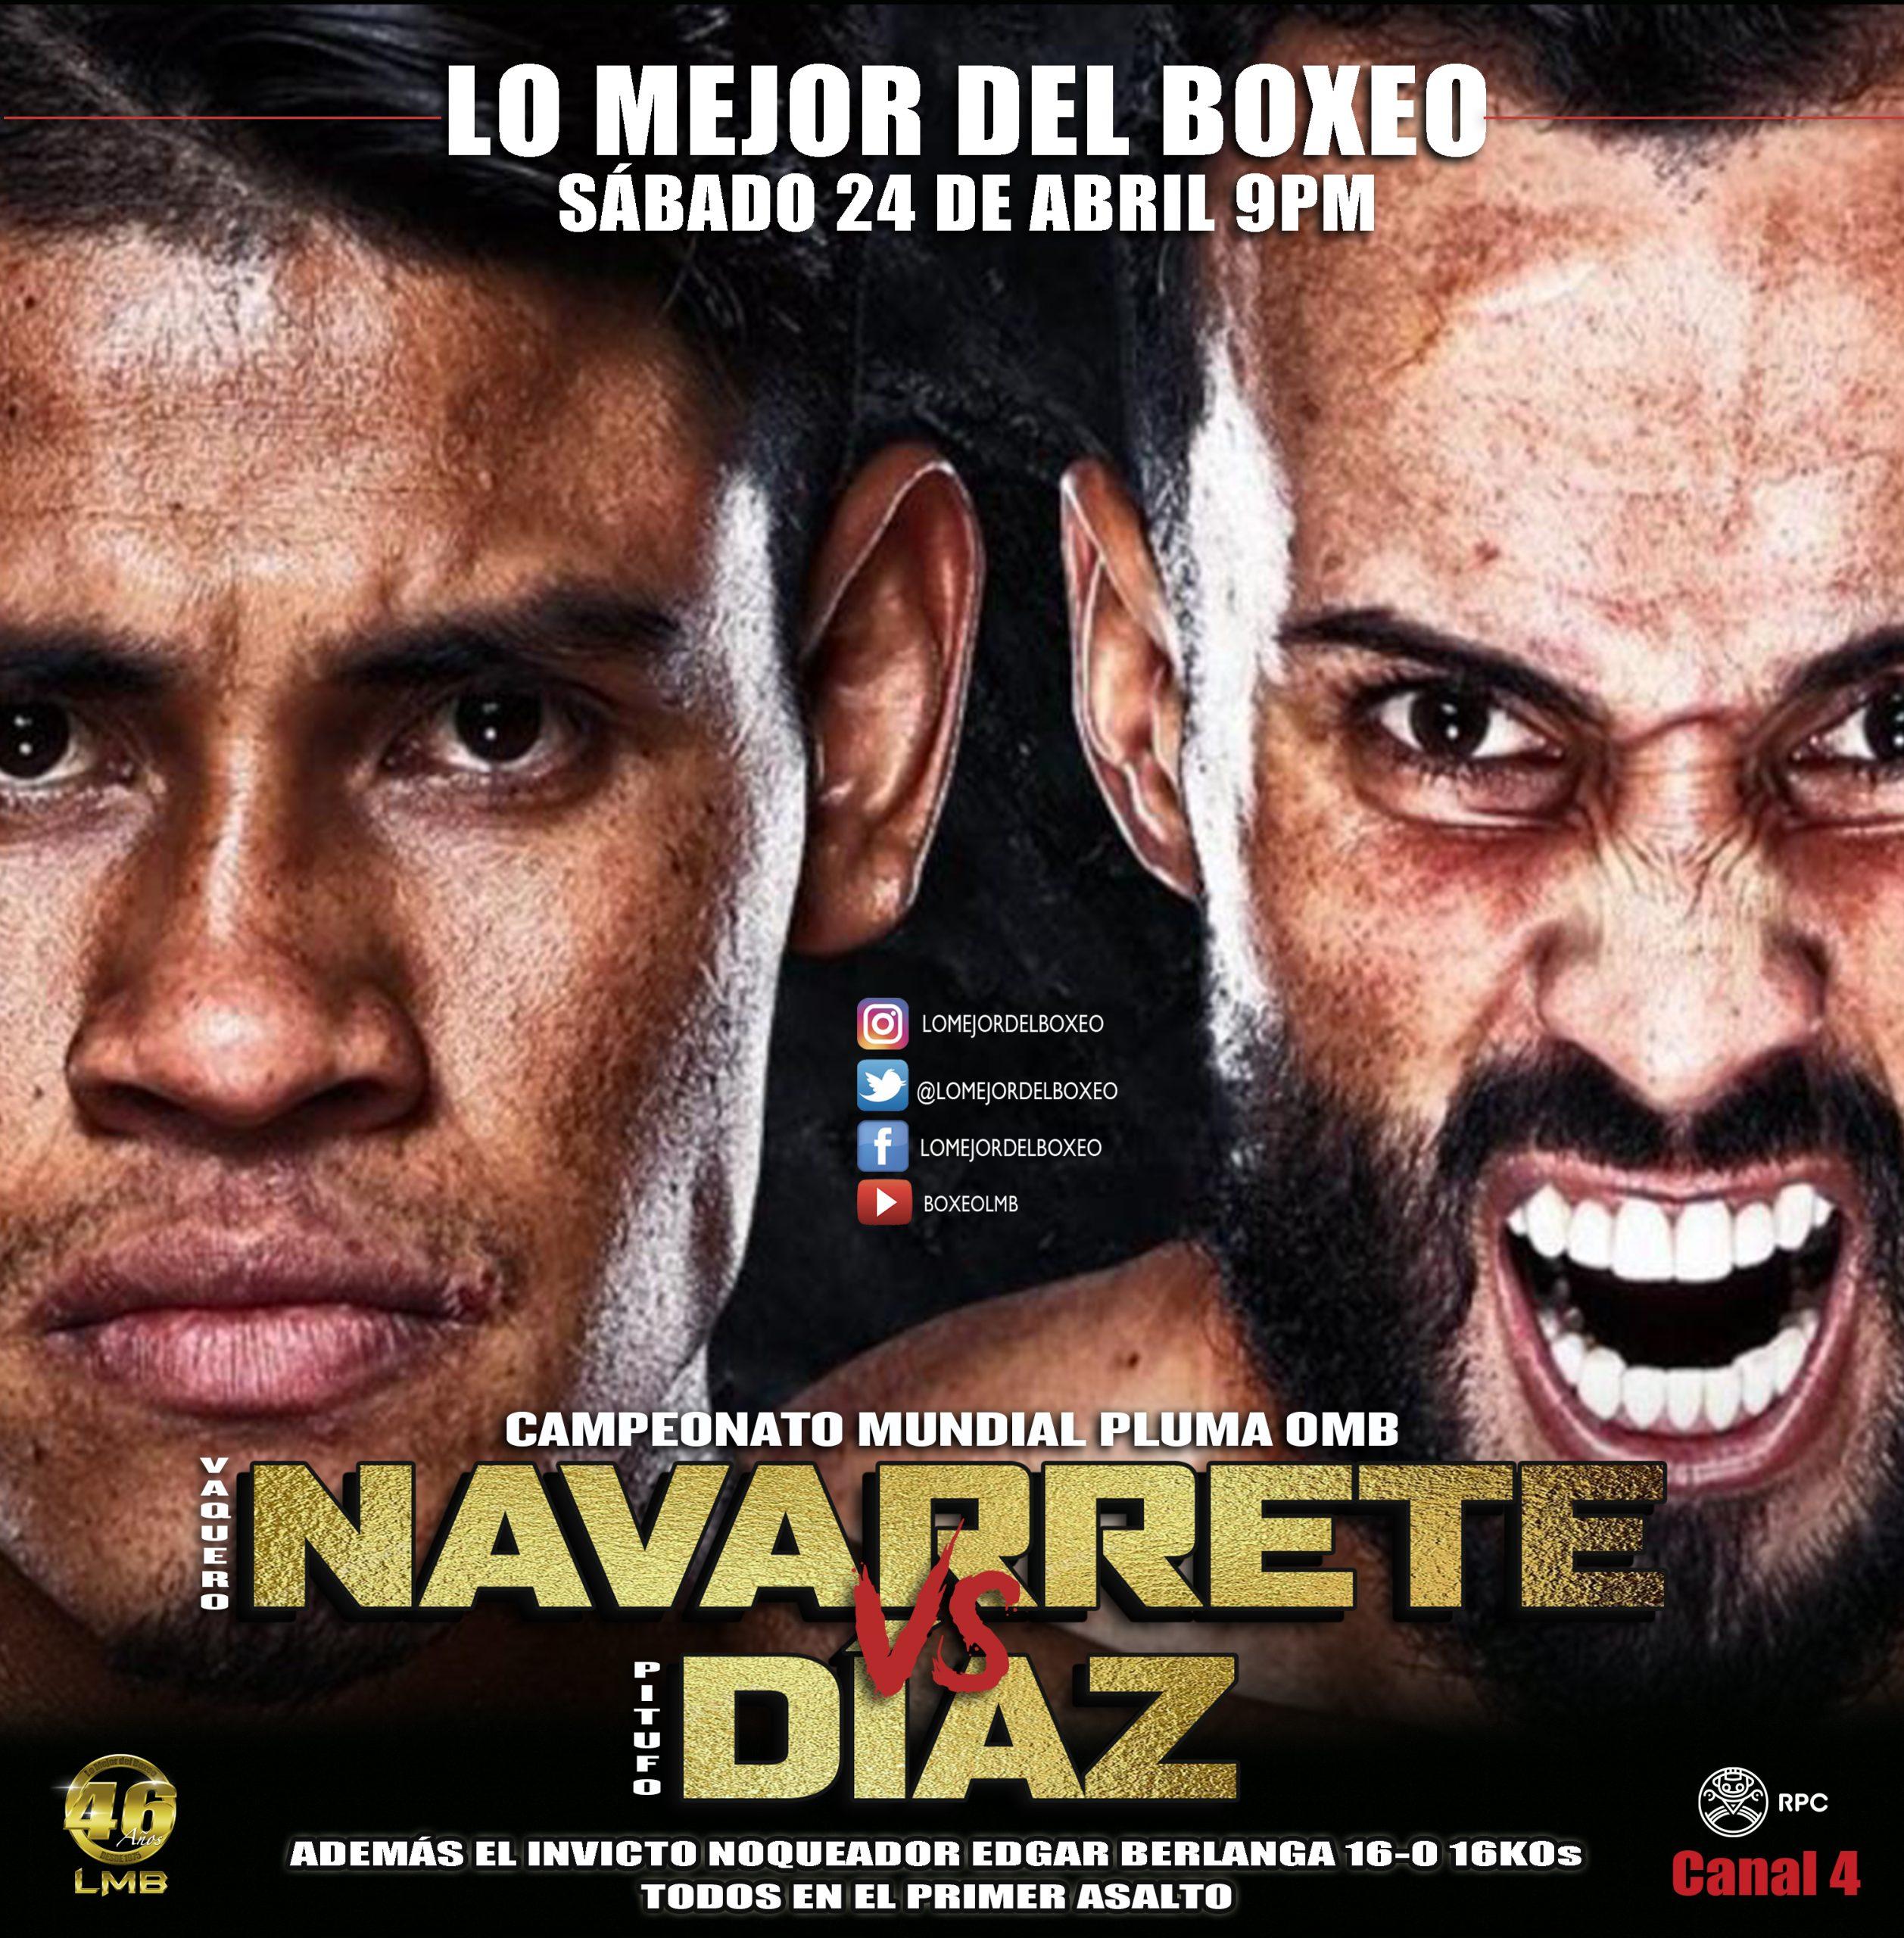 Emmanuel Navarrete vs. Christopher Díaz: Análisis y predicción de la pelea